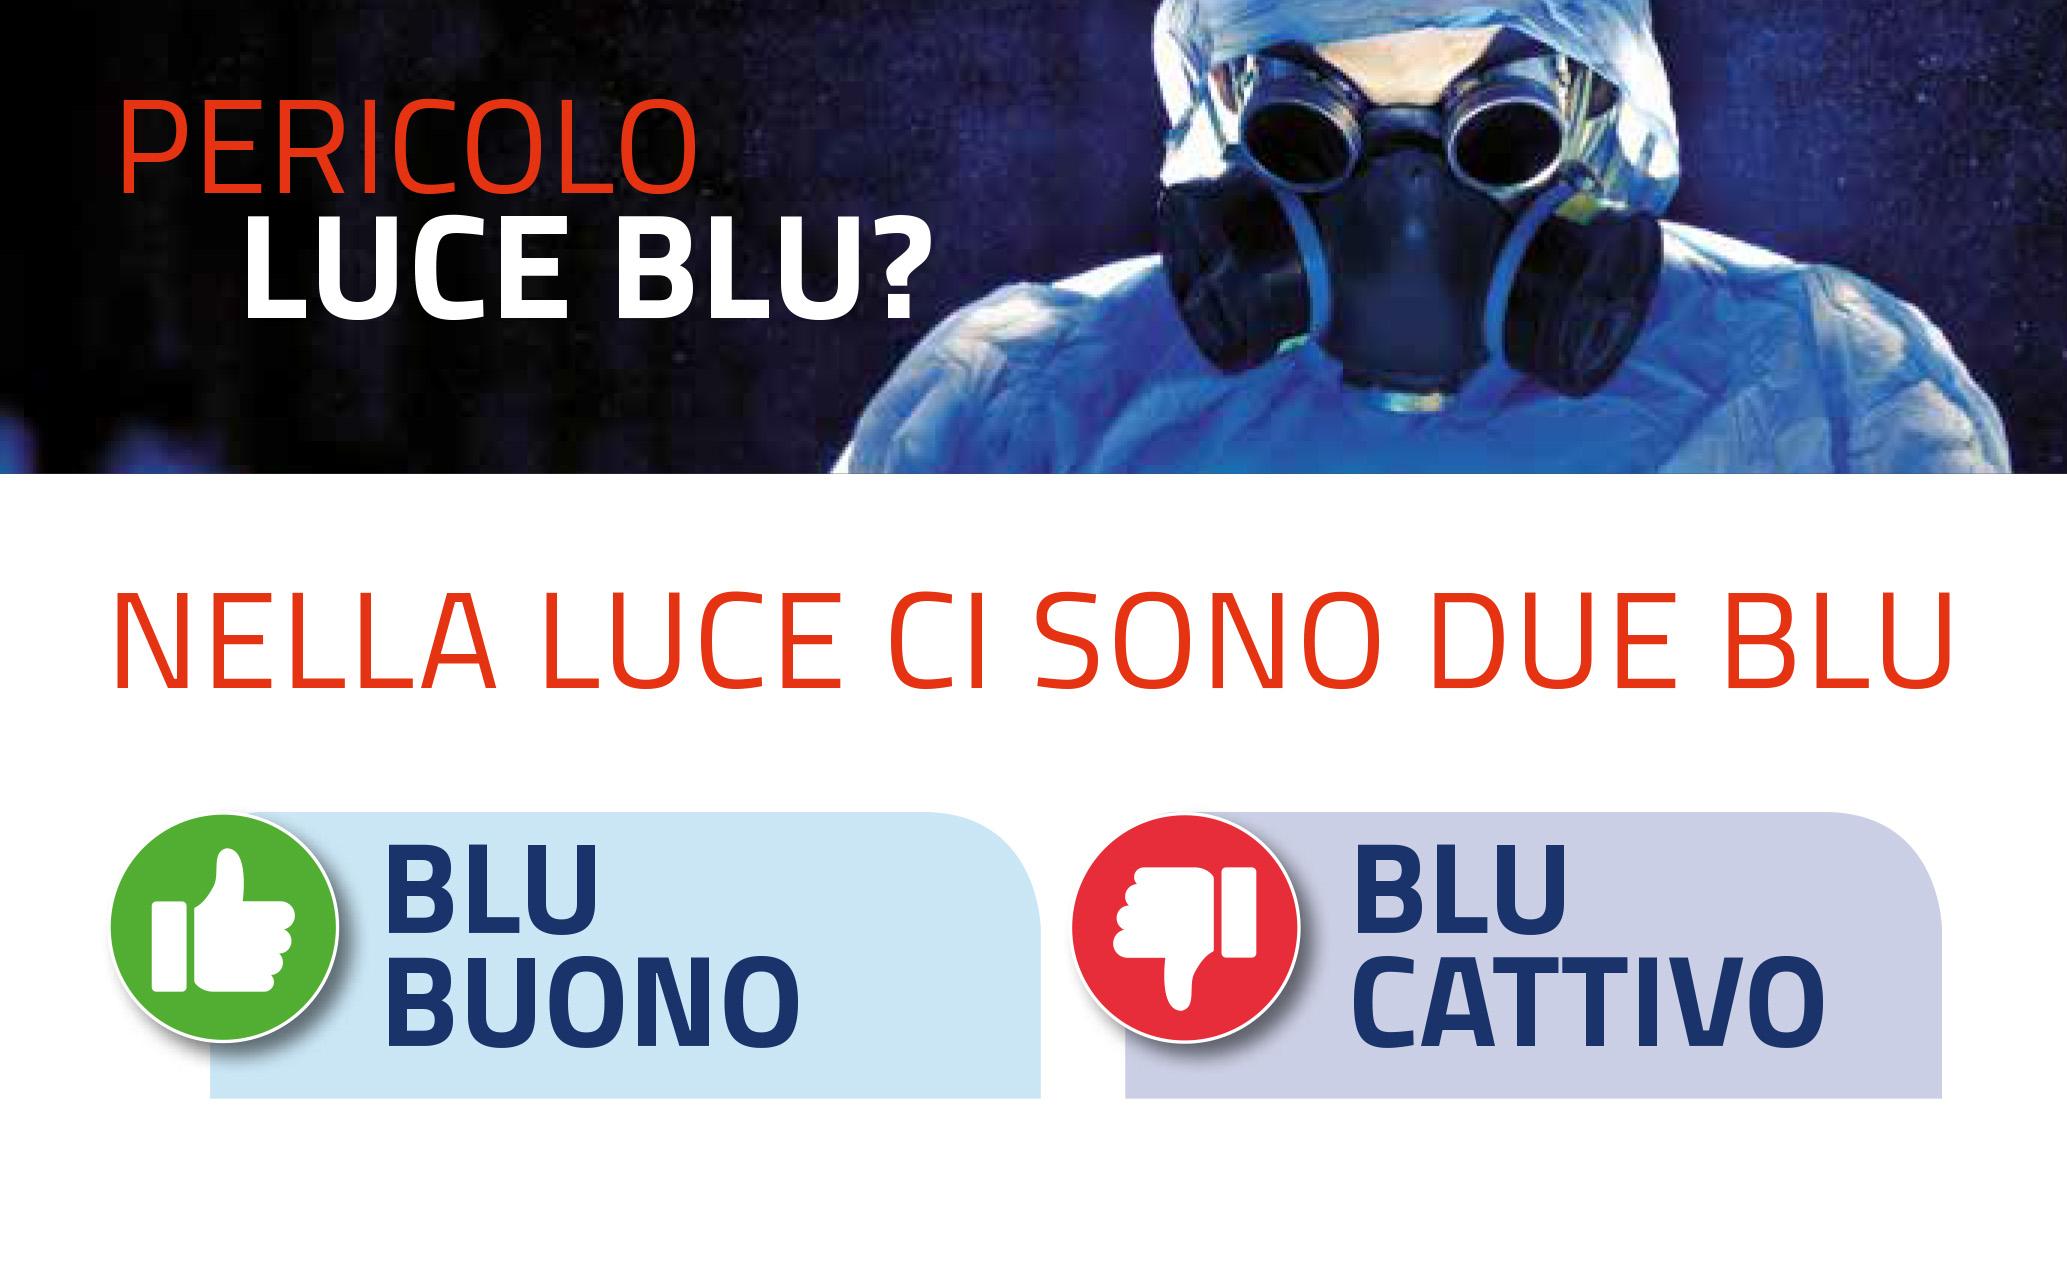 Il BLUE BUONO e il BLUE CATTIVO